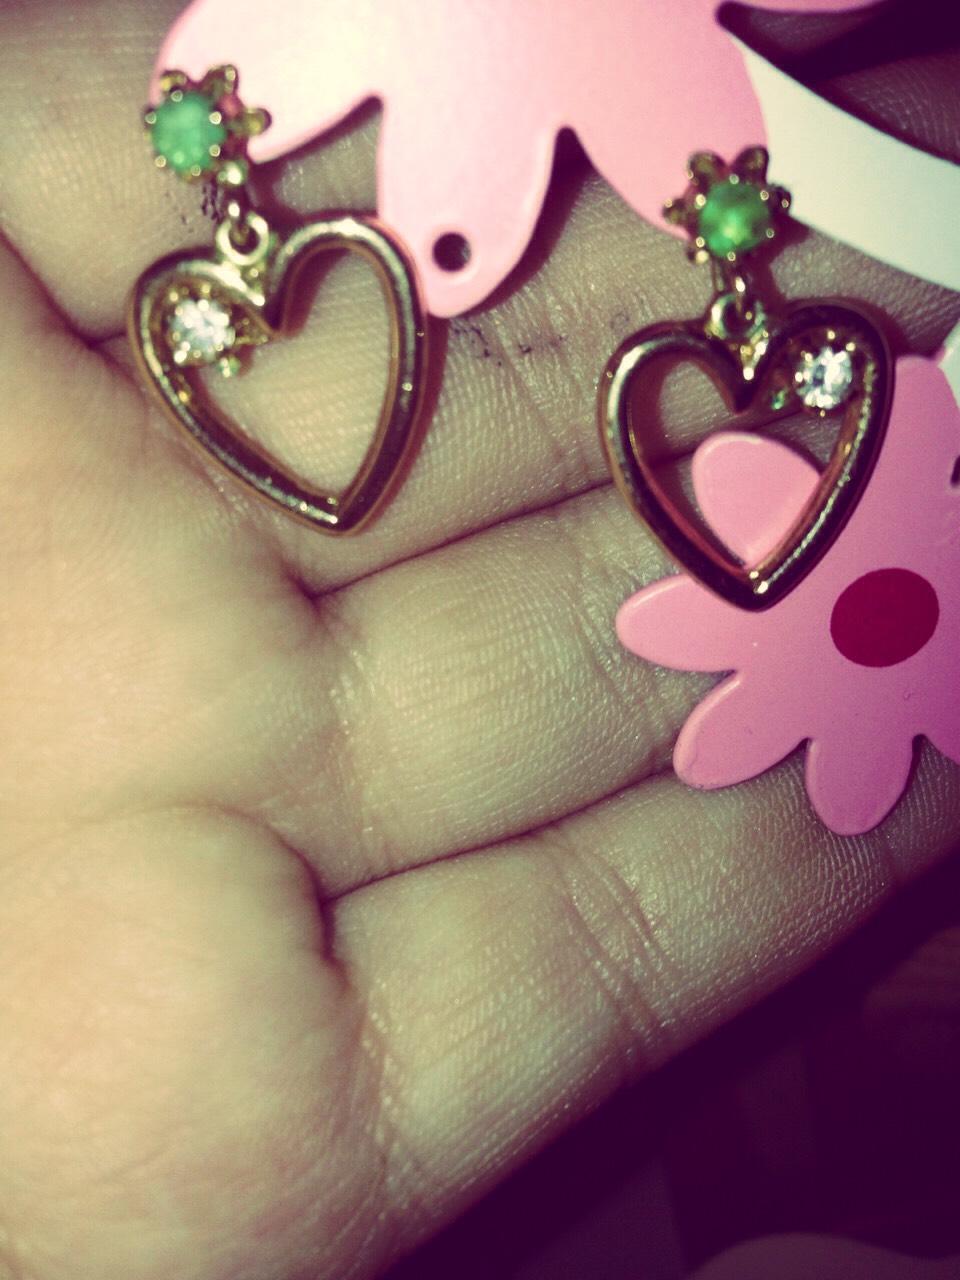 For earrings I am wearing a heart earrings